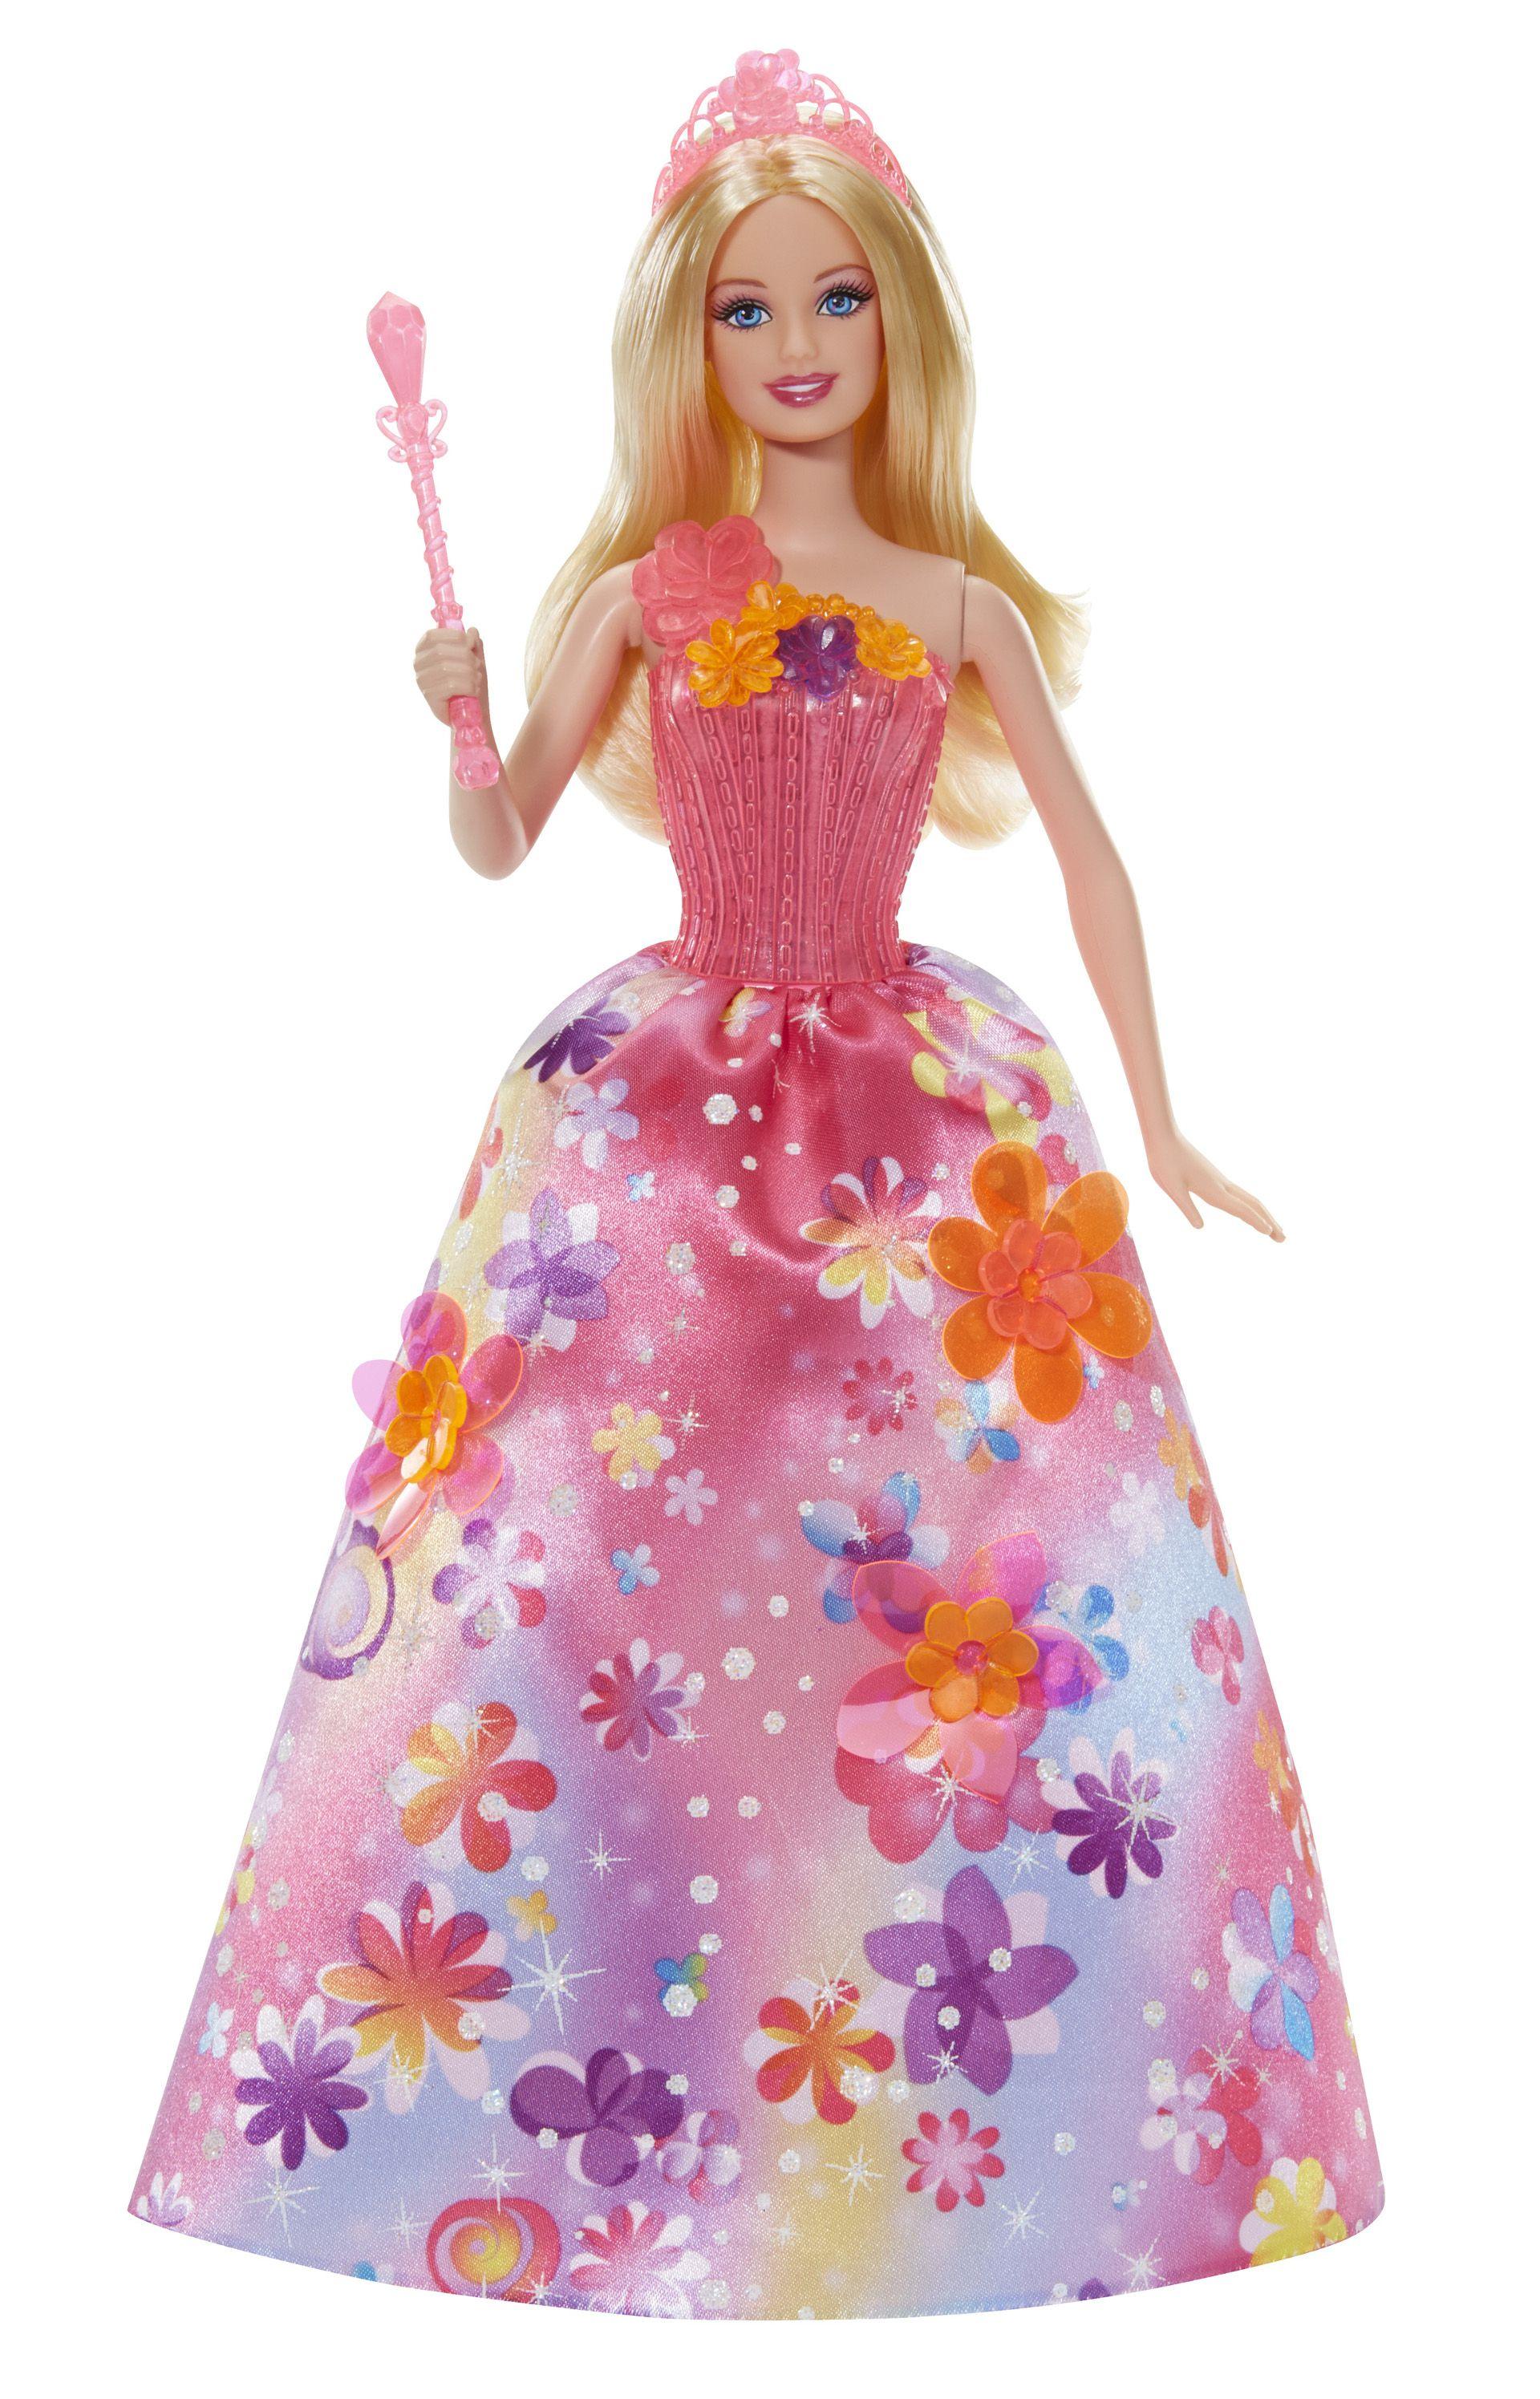 Barbie princesse magique alexa achat vente poup e cdiscount - Princesse barbie ...